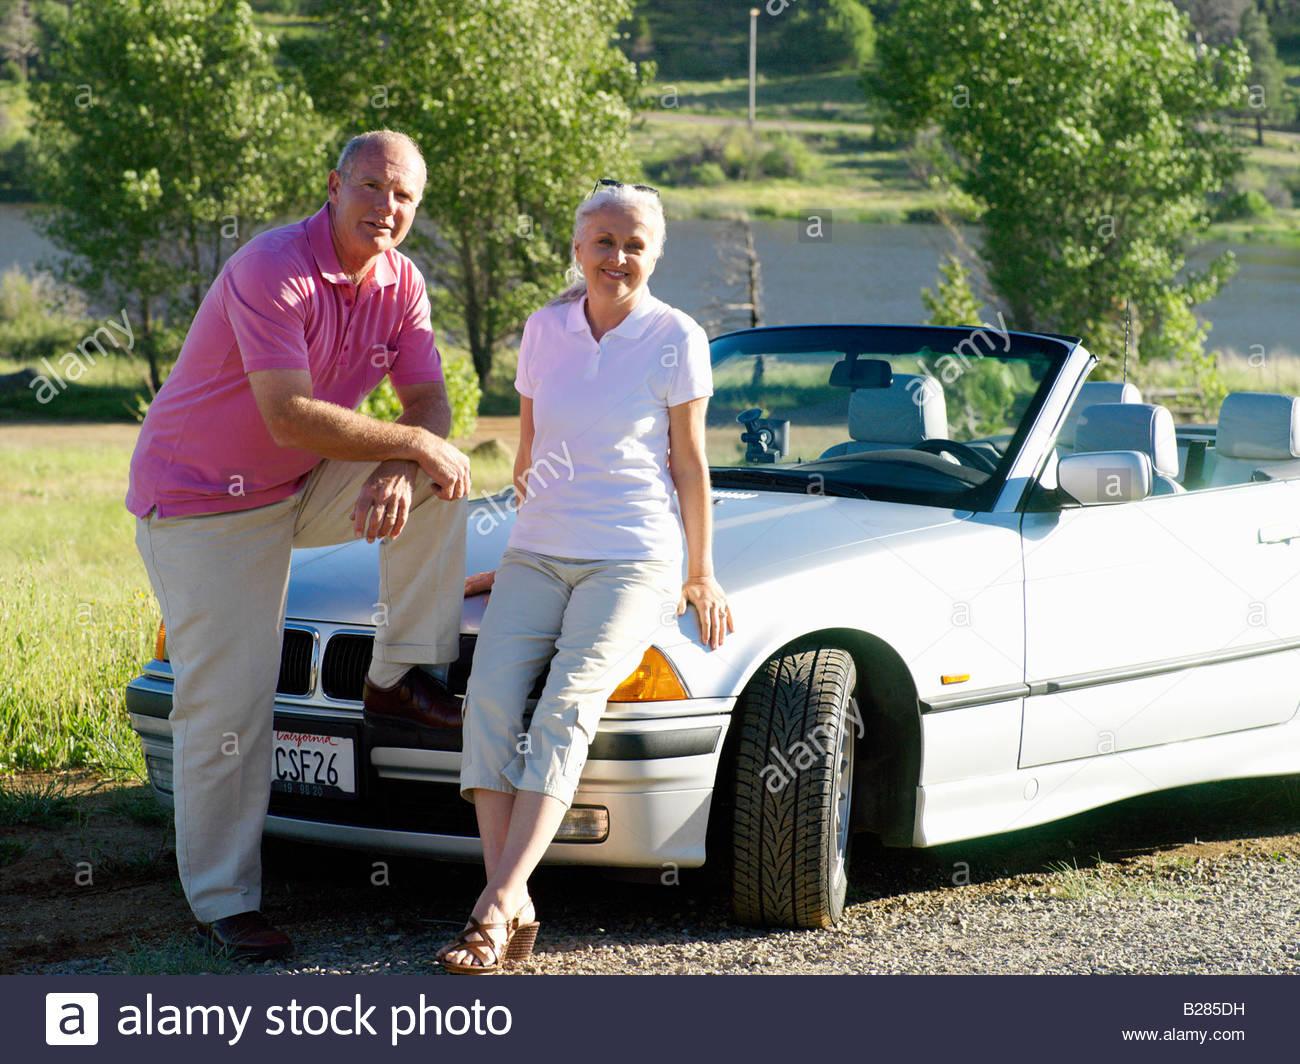 Couple on bonnet of convertible car, portrait - Stock Image